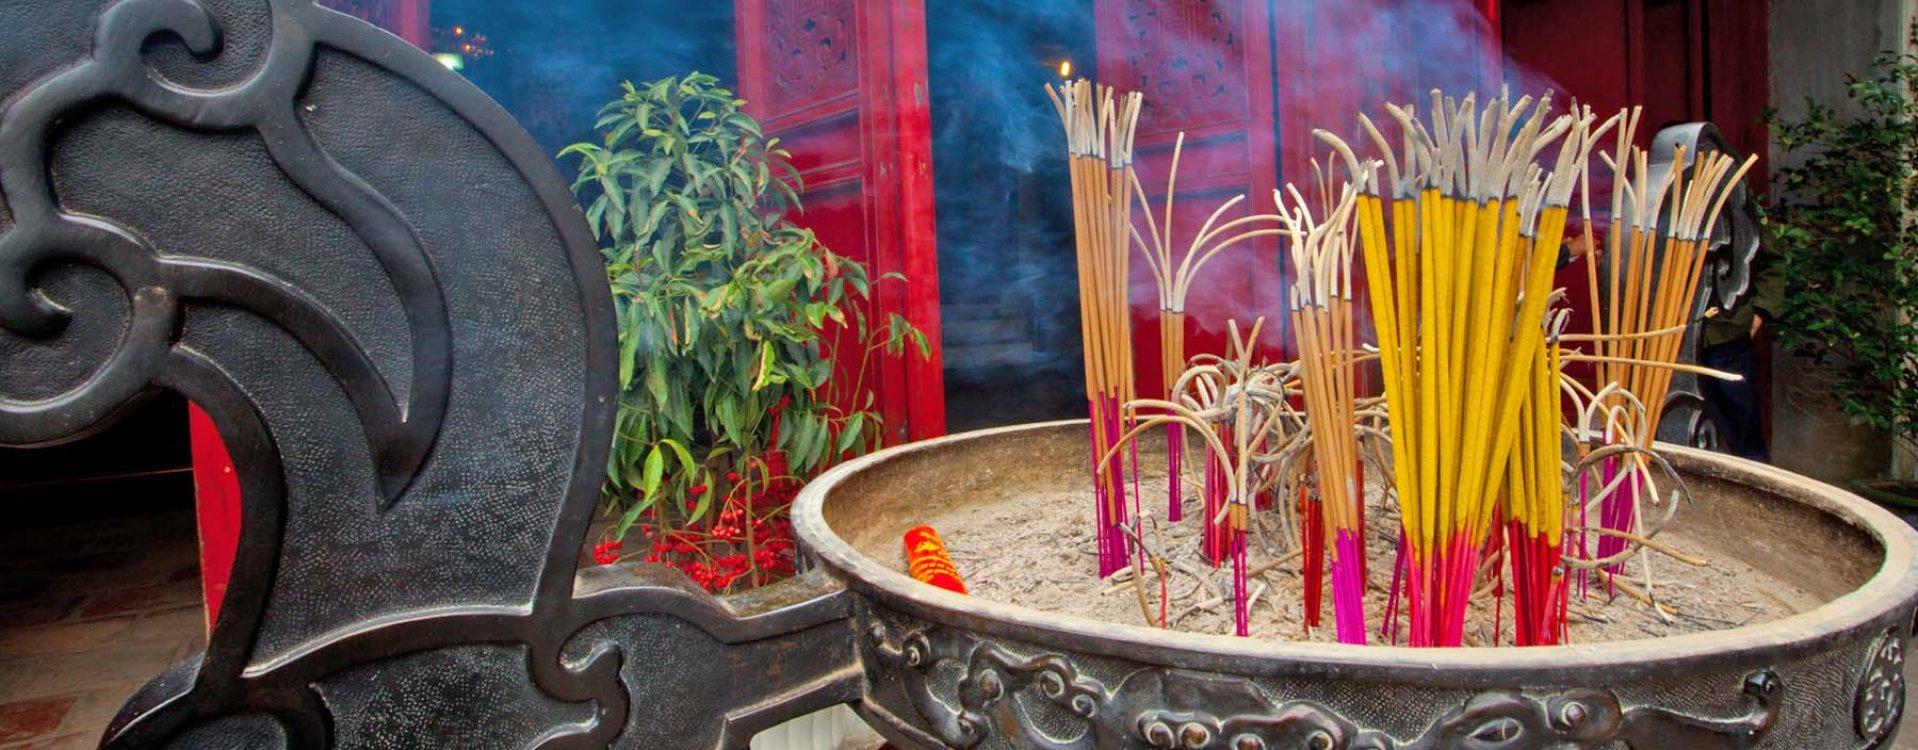 Ngoc San tempel, Hanoi